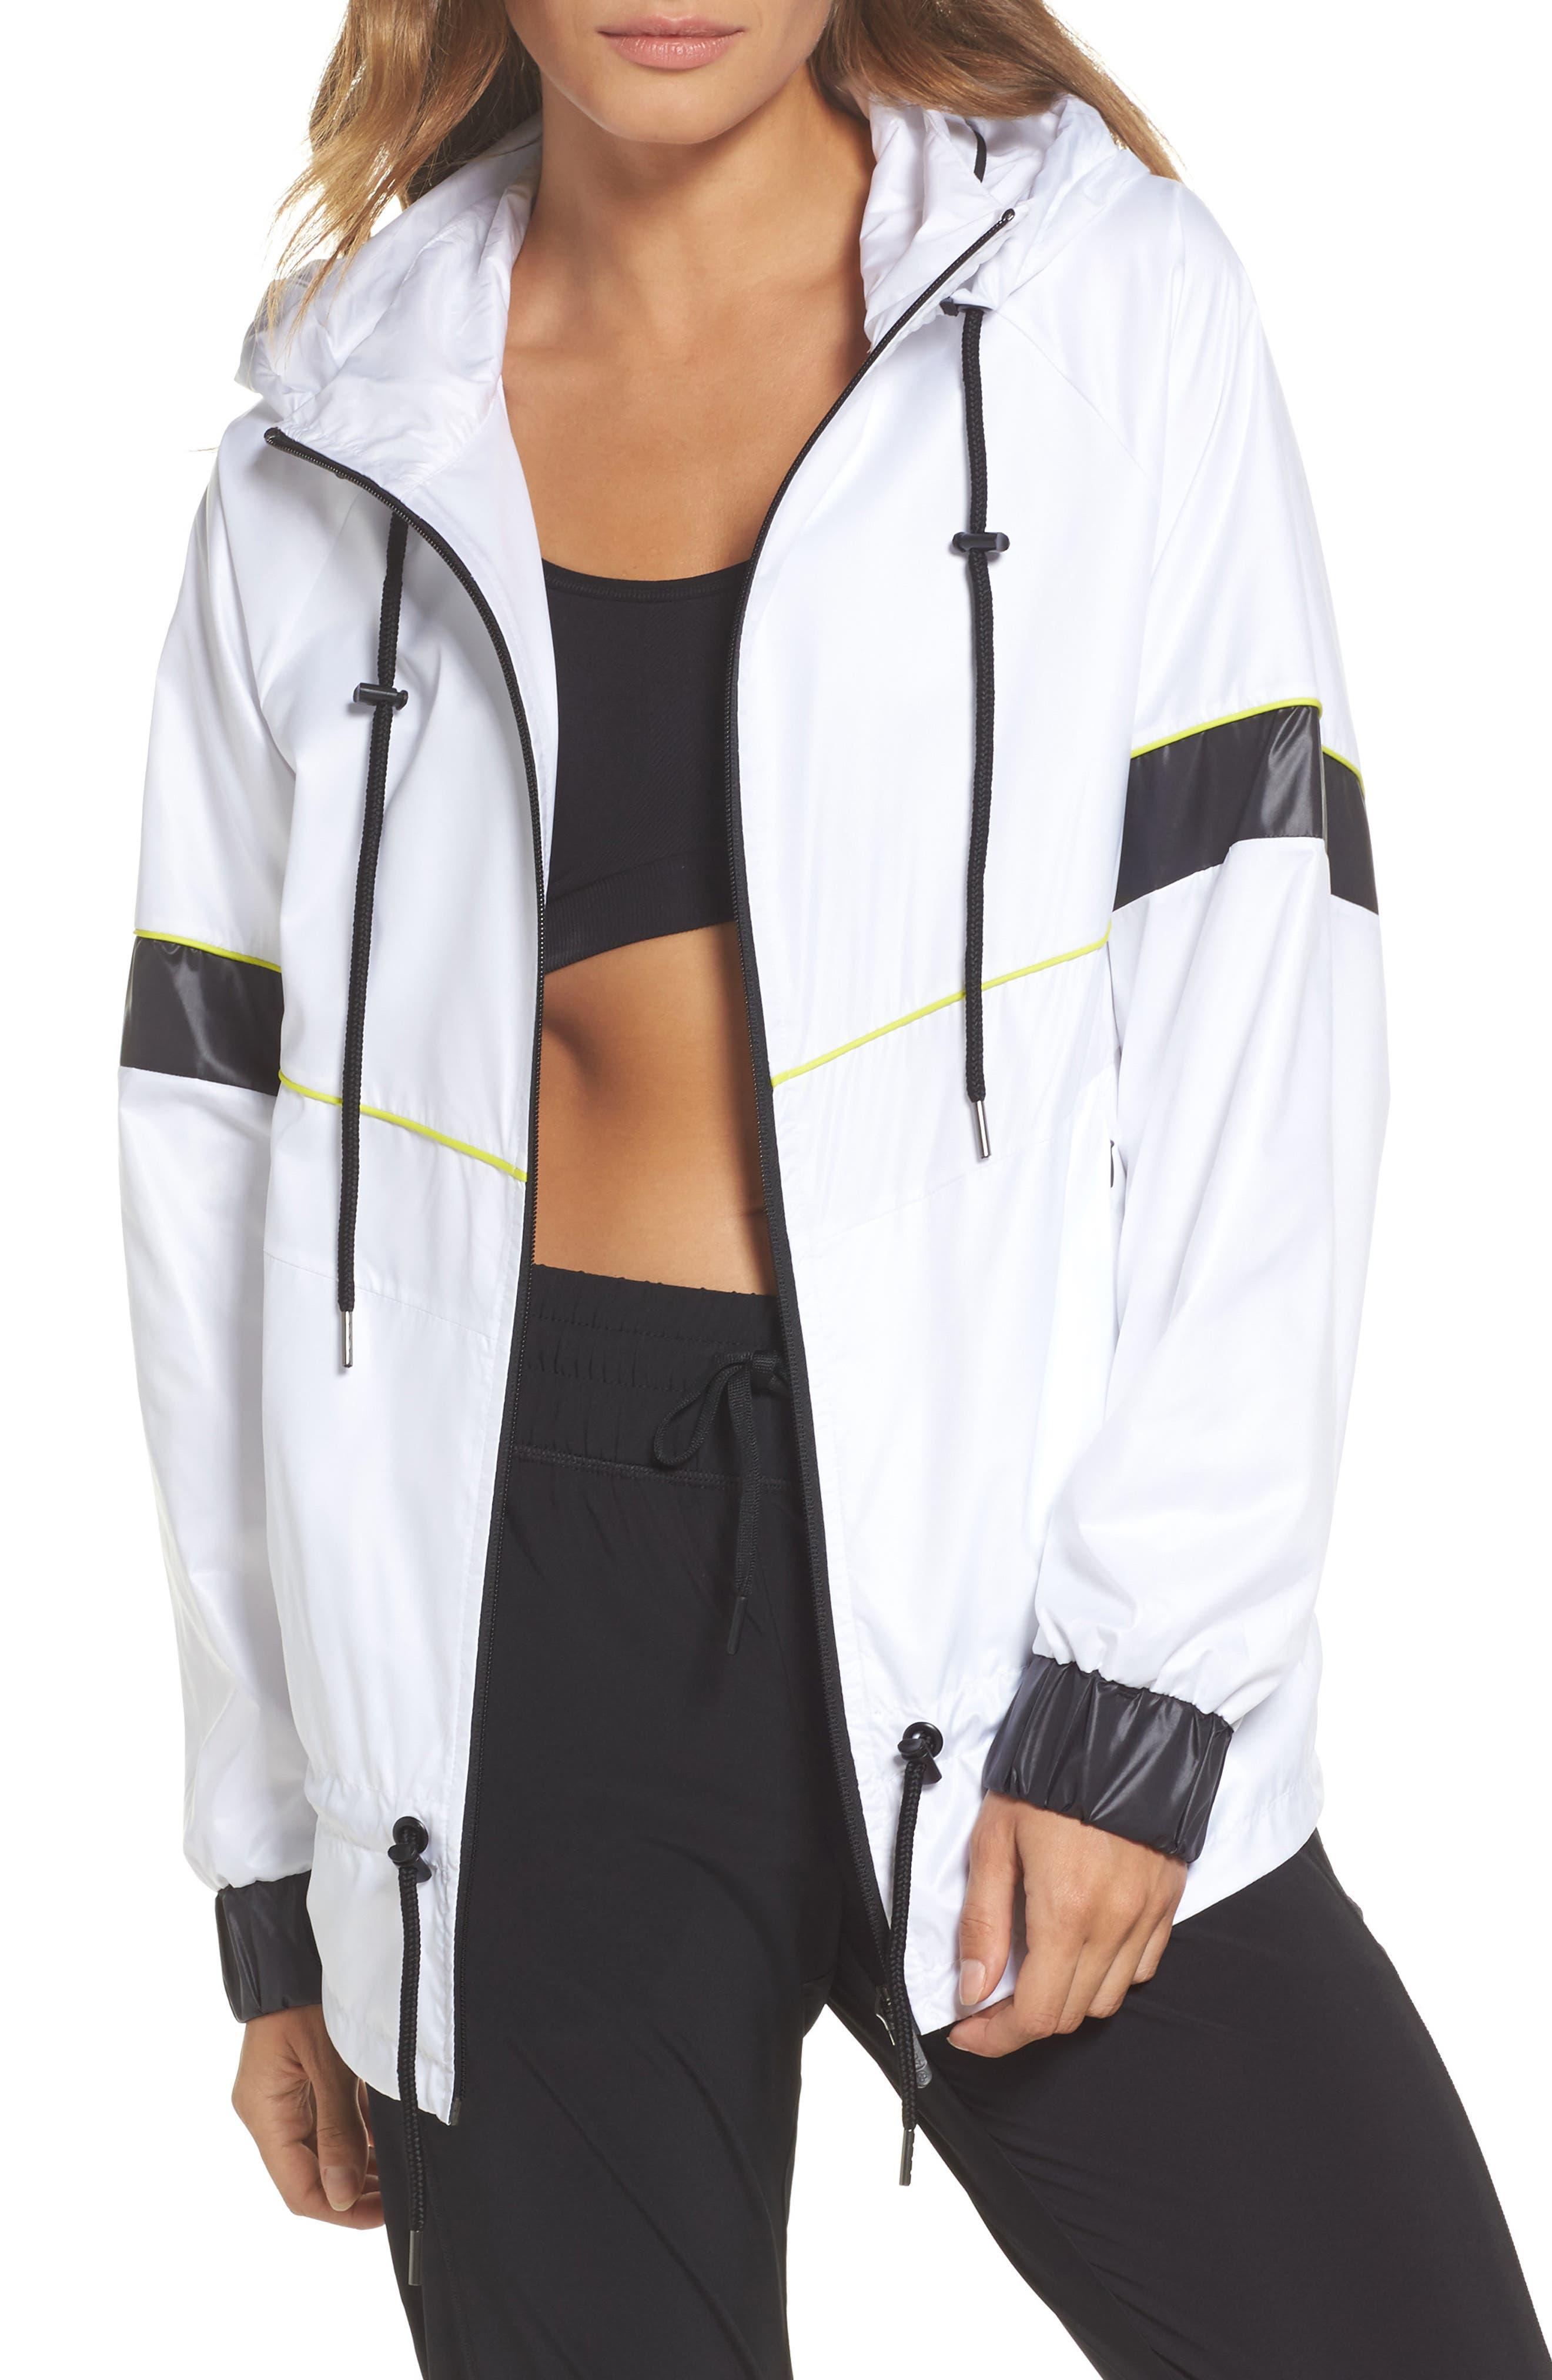 Main Image - Zella Shadowboxer Jacket